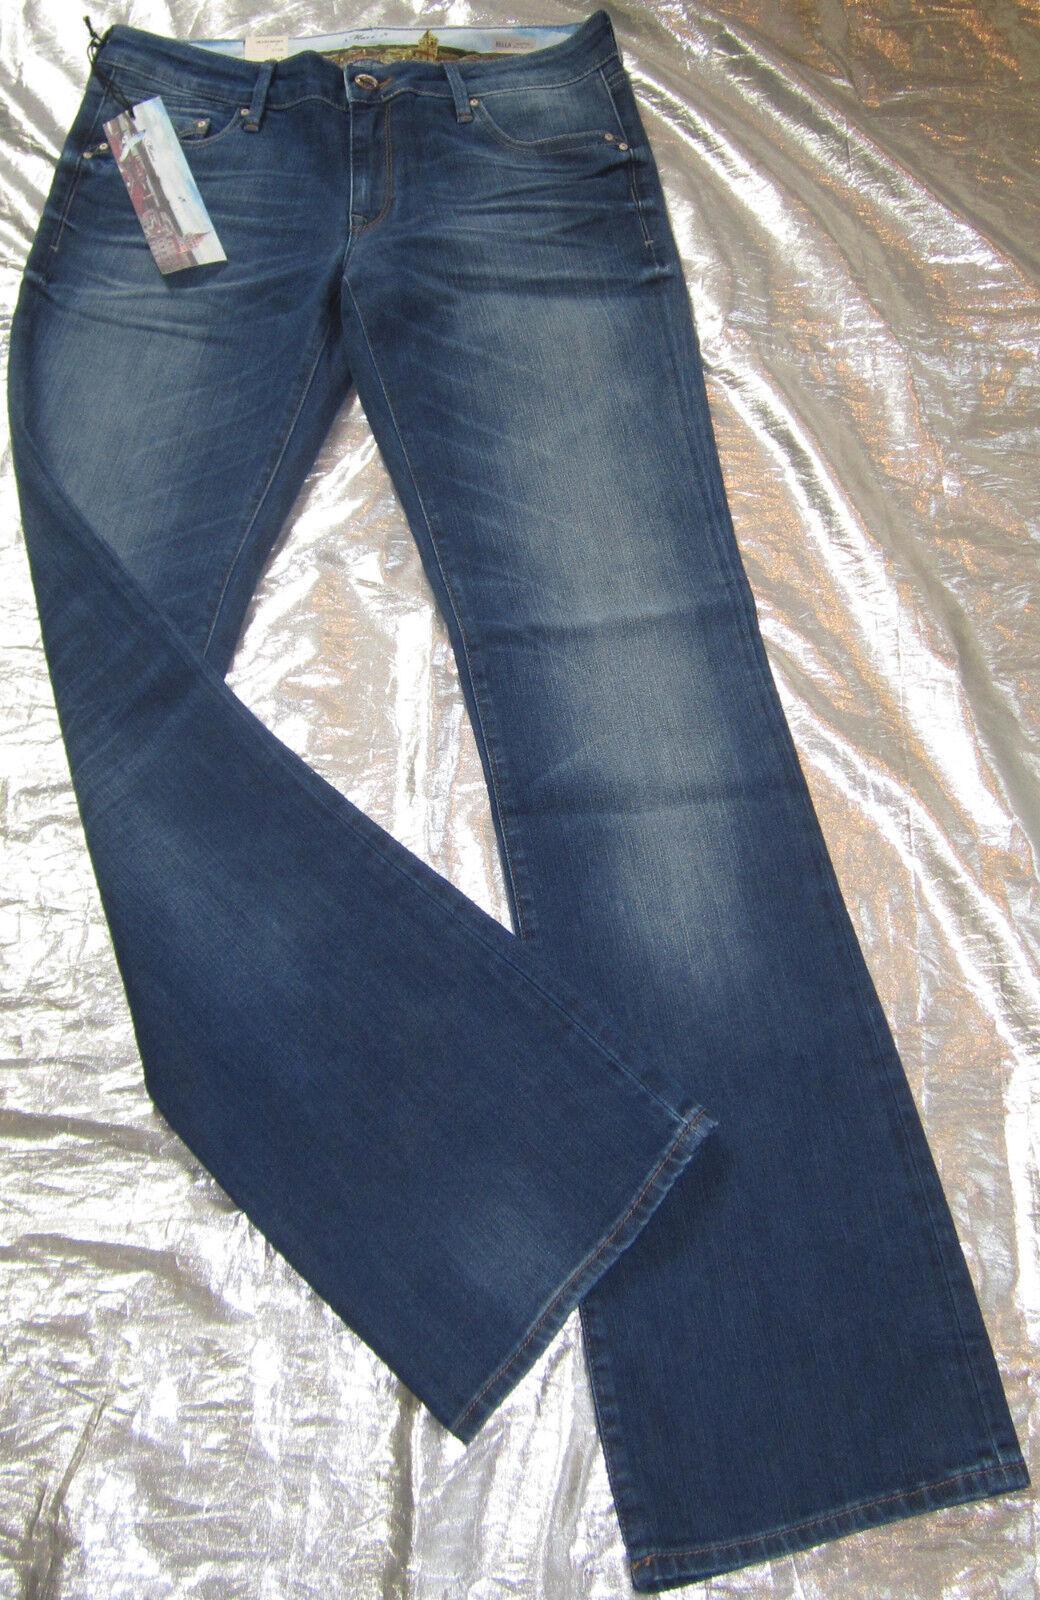 Mavi Jeans Bella Low Rise Slim Stiefelcut Damen blau Mod.1069816230 Neu  H